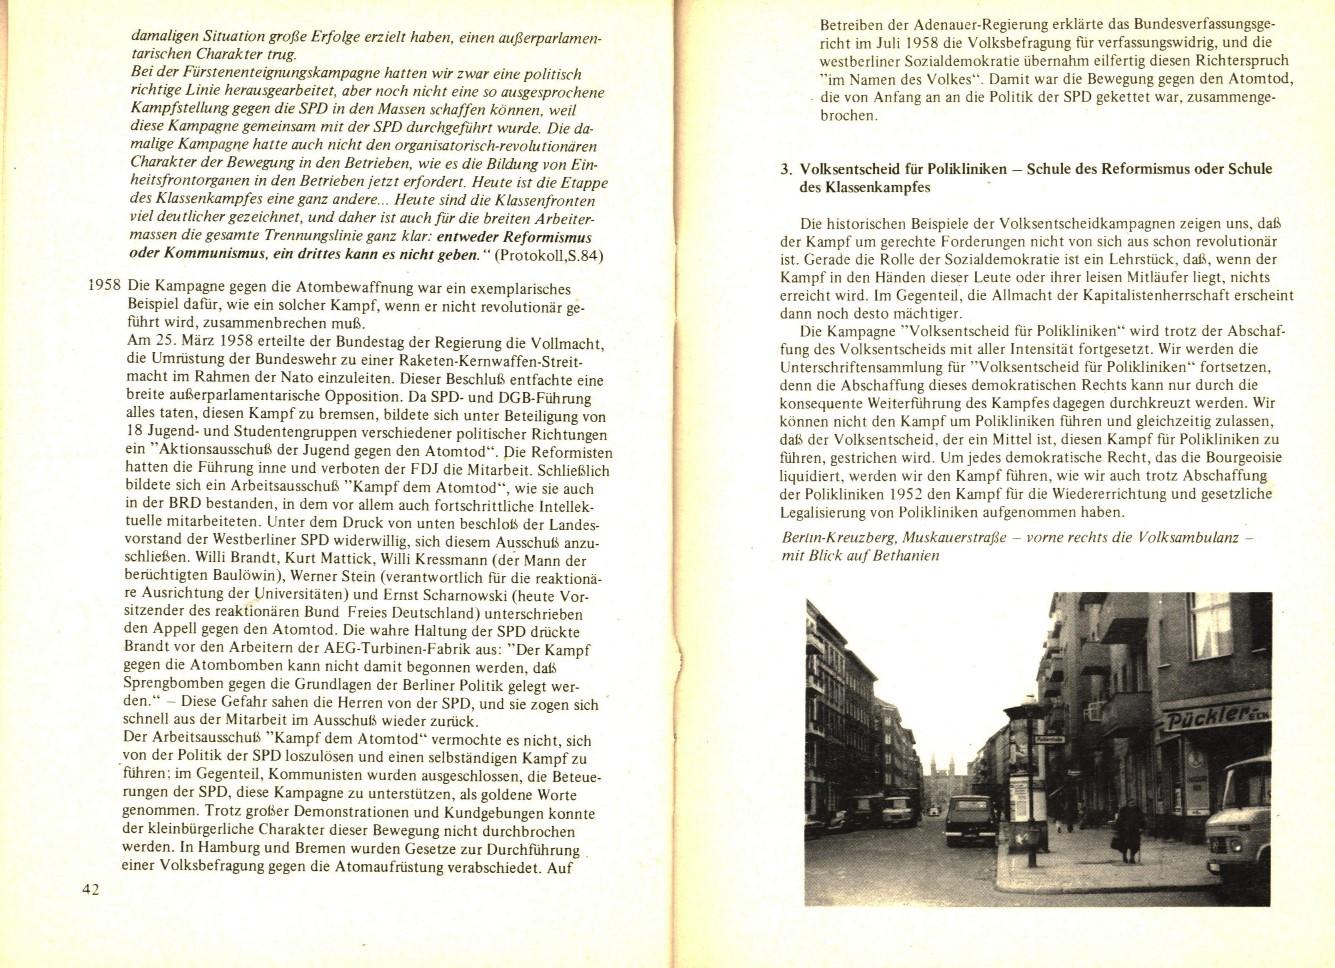 Berlin_KPDAO_1974_Volksentscheid_fuer_Poliklinken_23